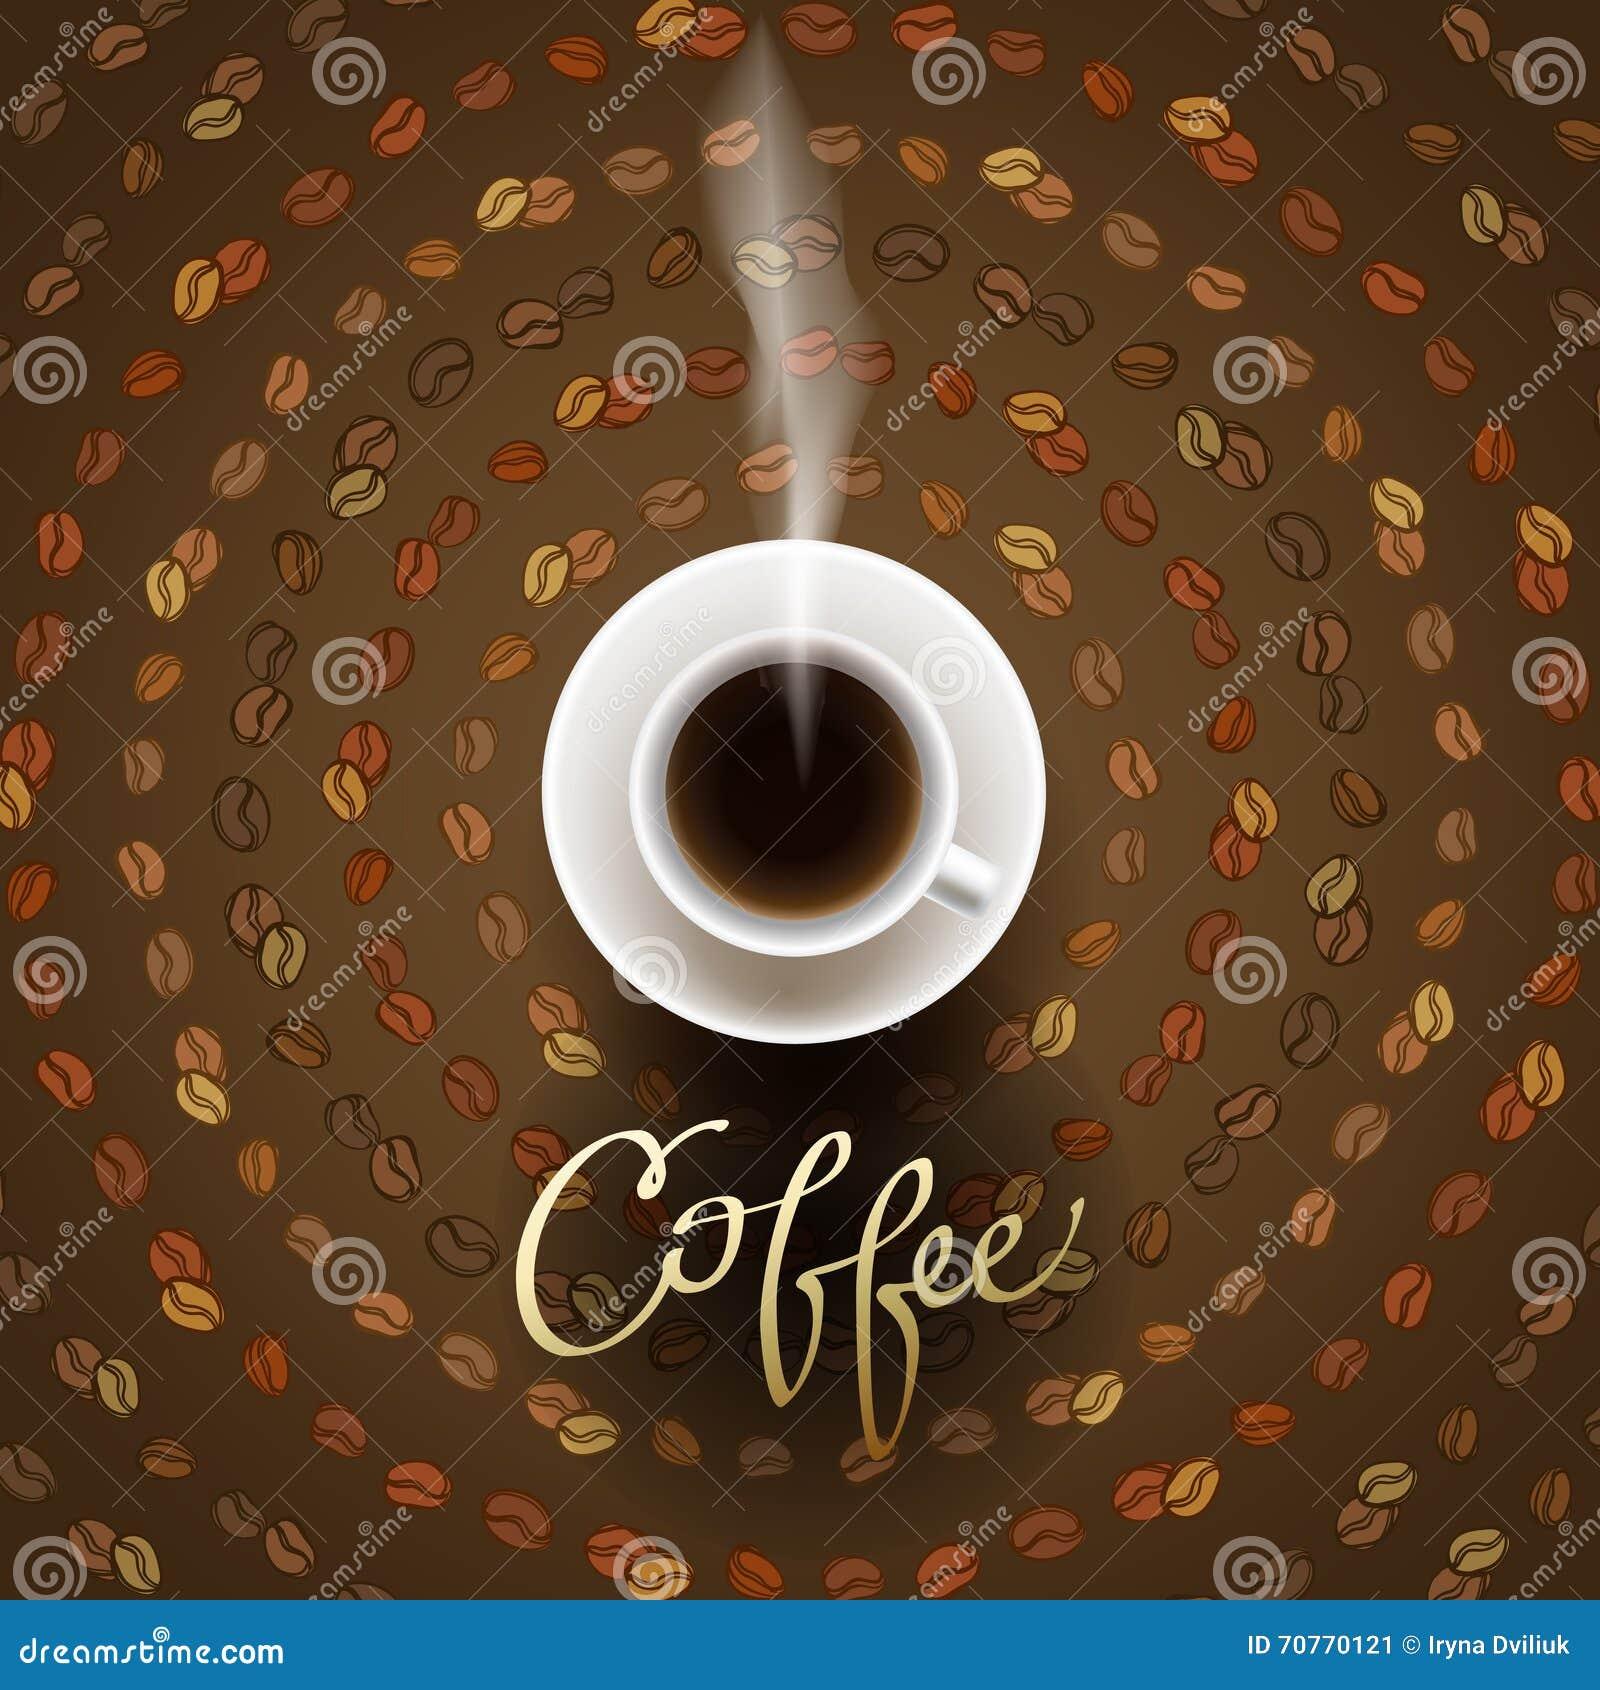 Abstrakt kaffedesign